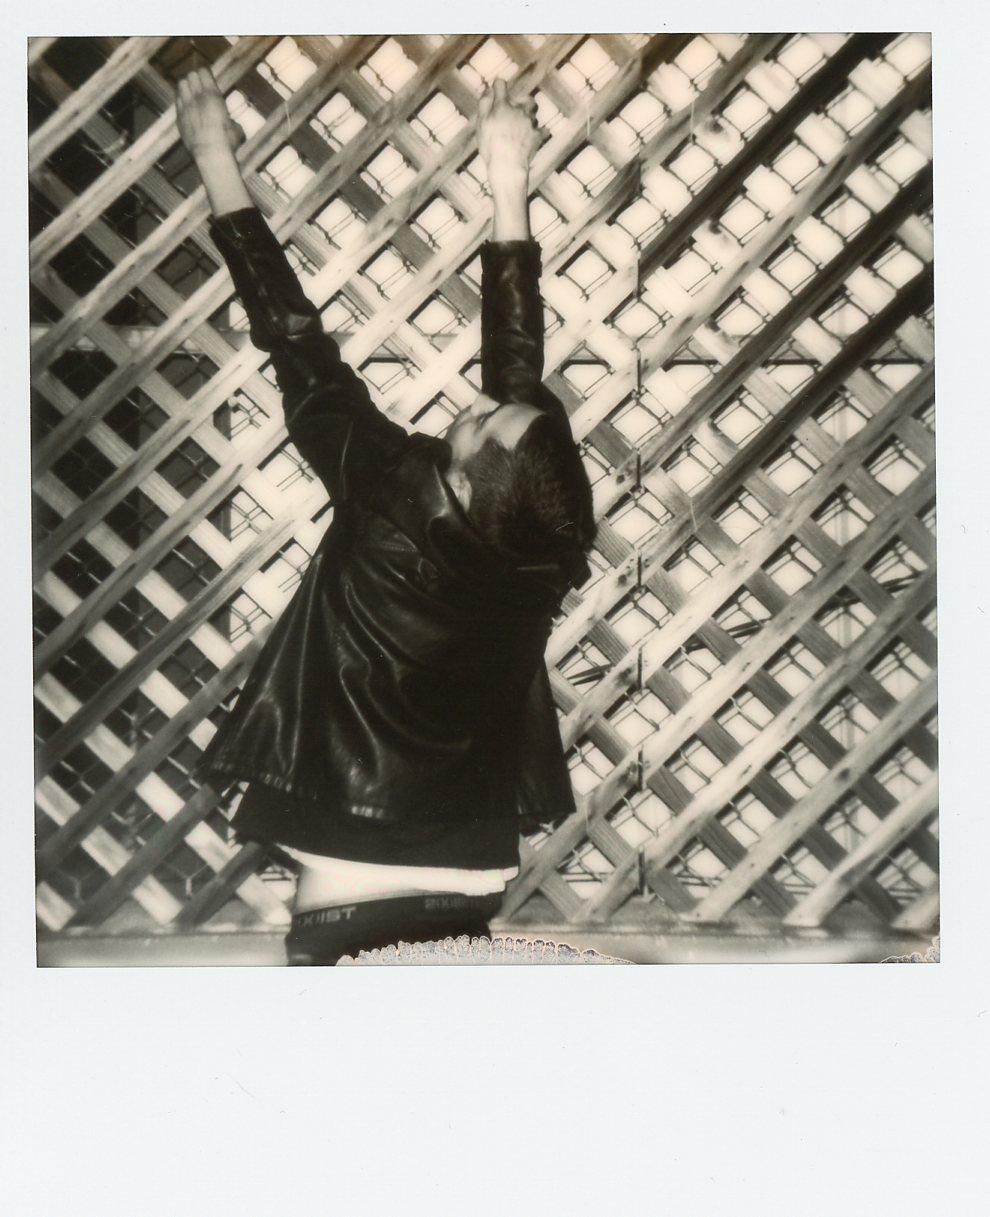 SF_Polaroid008.jpg